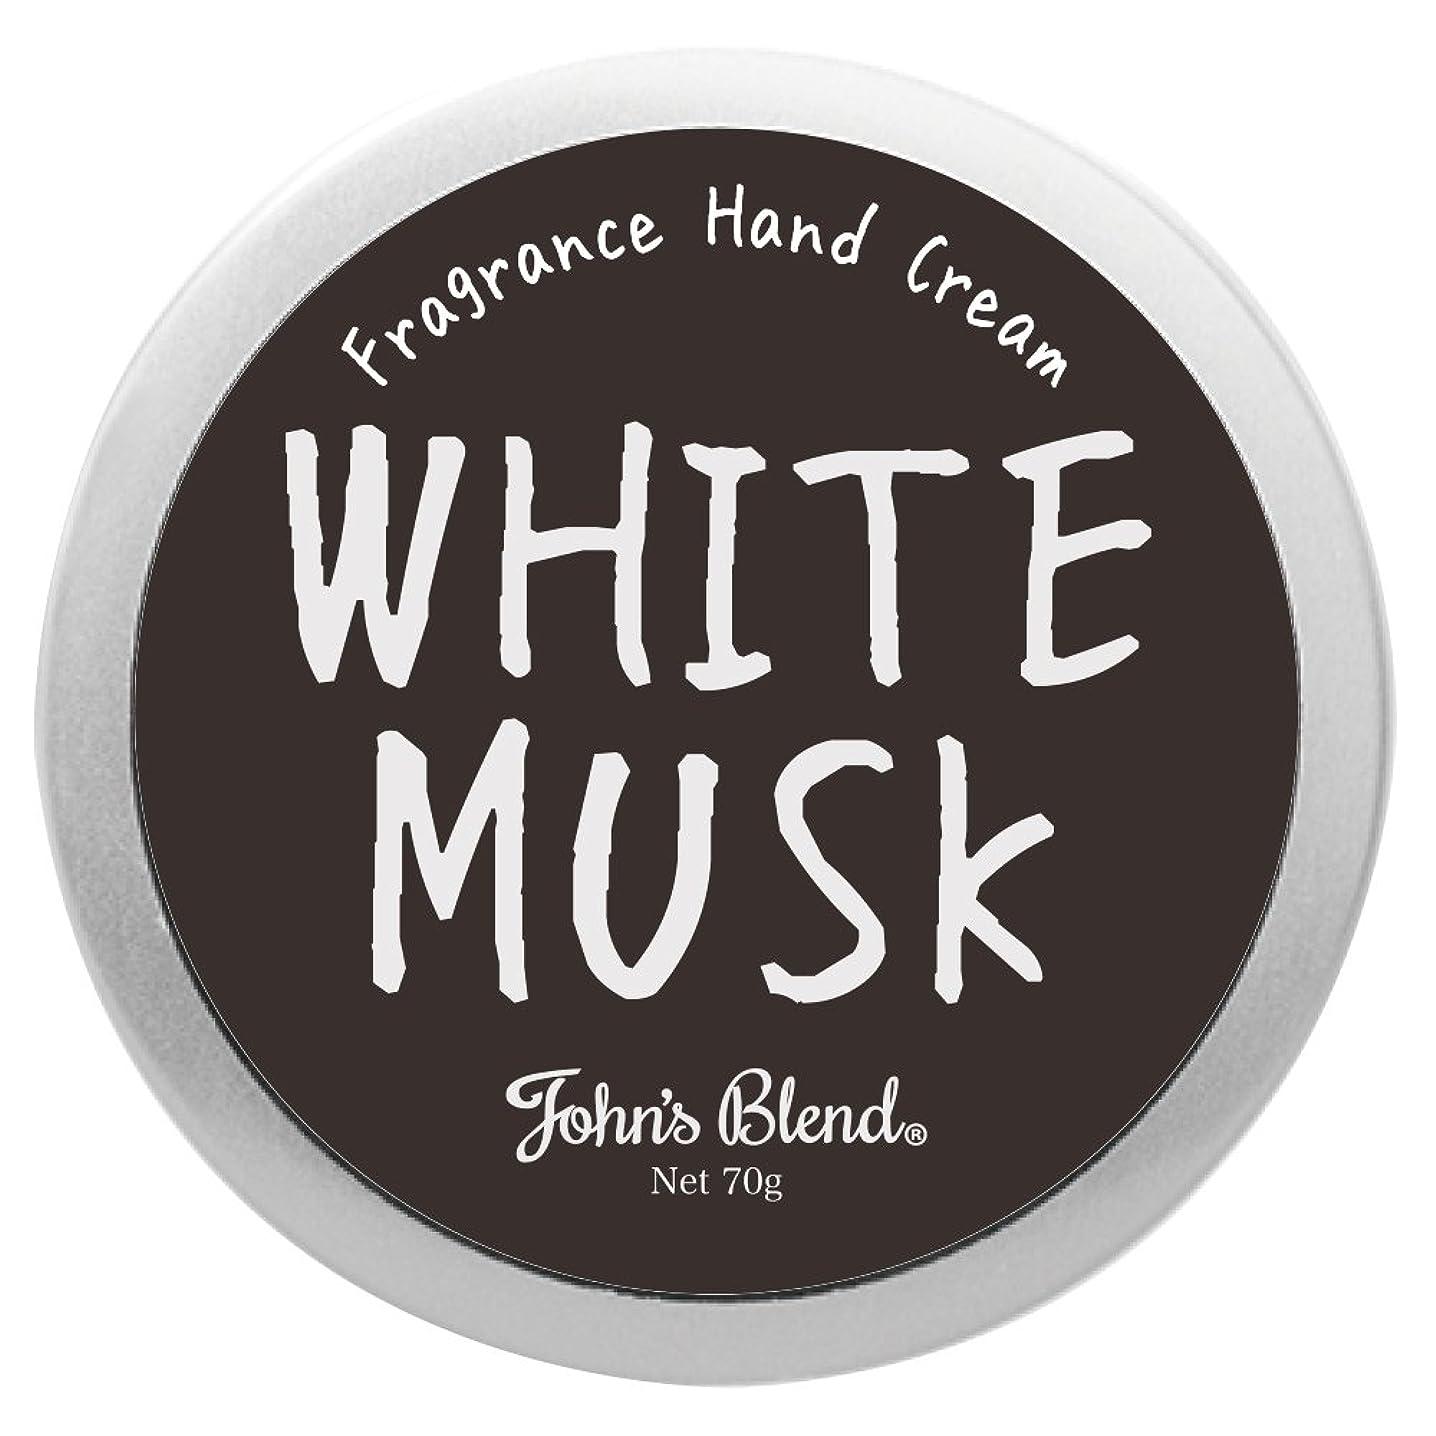 承認作曲するクランプJohns Blend ハンドクリーム 70g ホワイトムスク の香り OZ-JOD-1-1